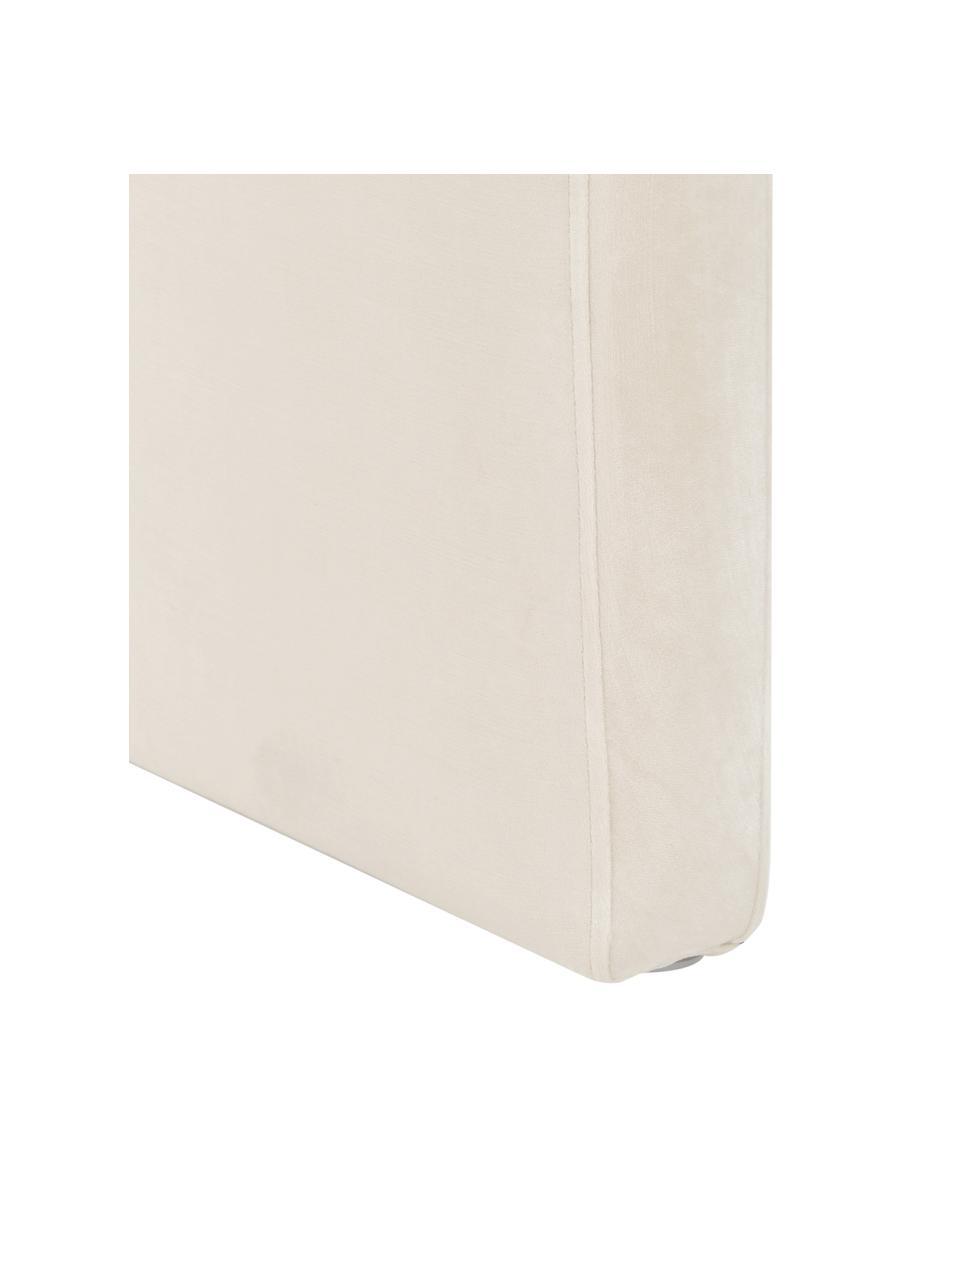 Ławka tapicerowana z aksamitu Penelope, Tapicerka: aksamit (poliester) 2500, Stelaż: metal, płyta wiórowa, Kremowobiały, S 110 x W 46 cm